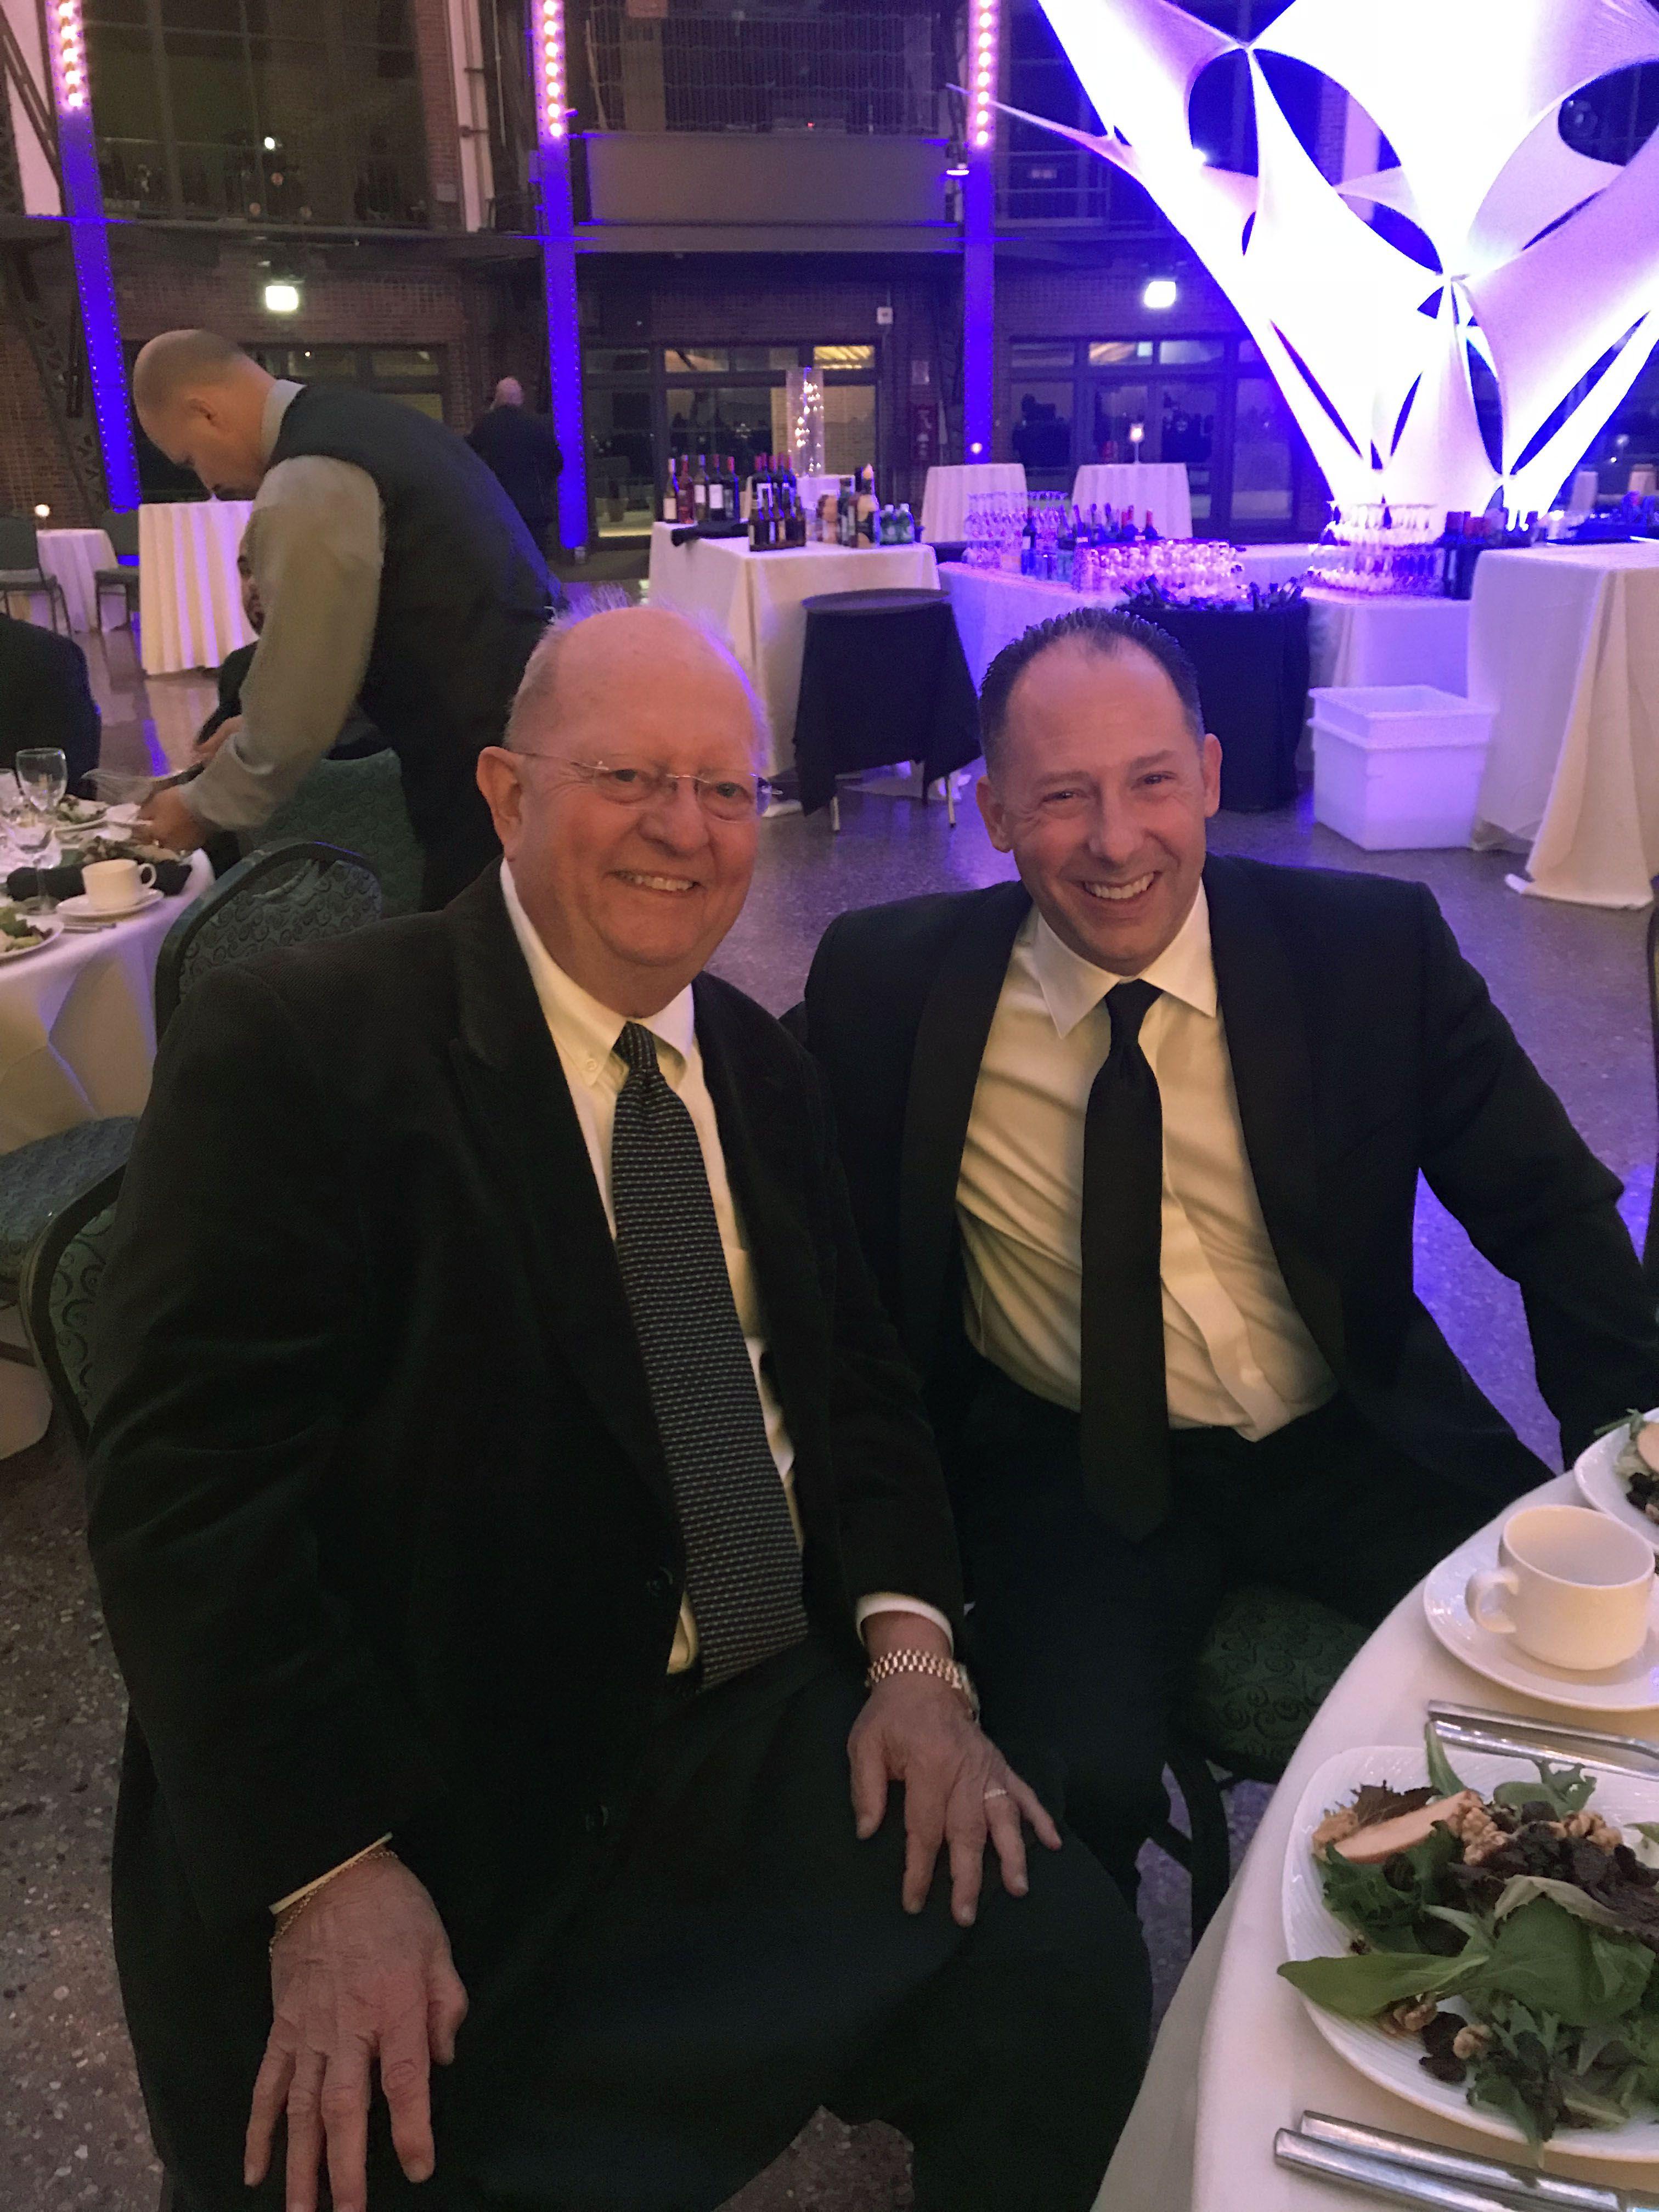 Robert Klinger President And Ceo Of Klinger Insurance Group Attended The 2017 Insurance Business Ameri Group Insurance Commercial Insurance Navy Pier Chicago